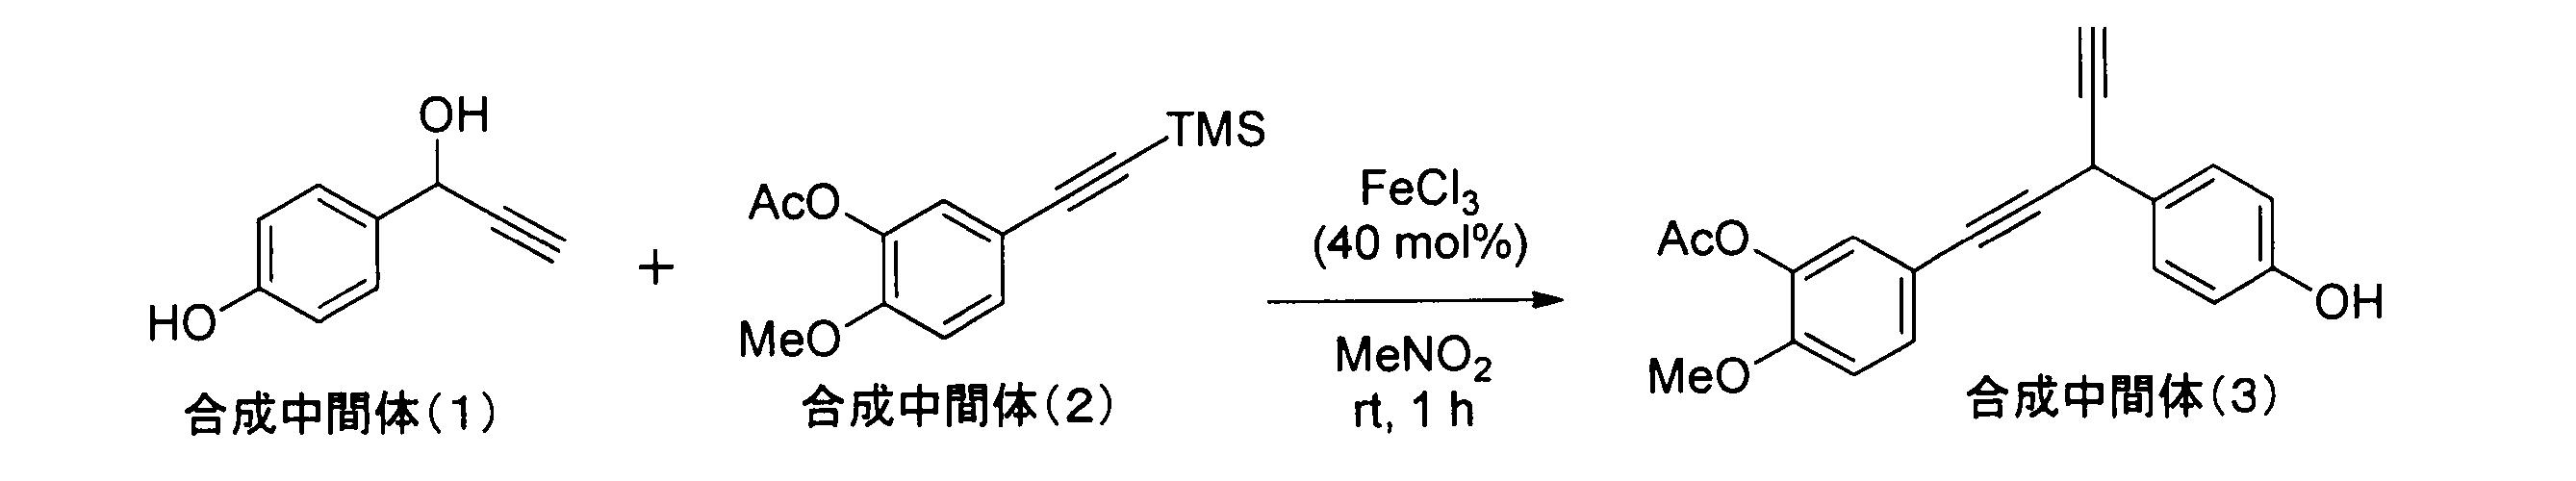 WO2014136786A1 - 新規化合物 - ...